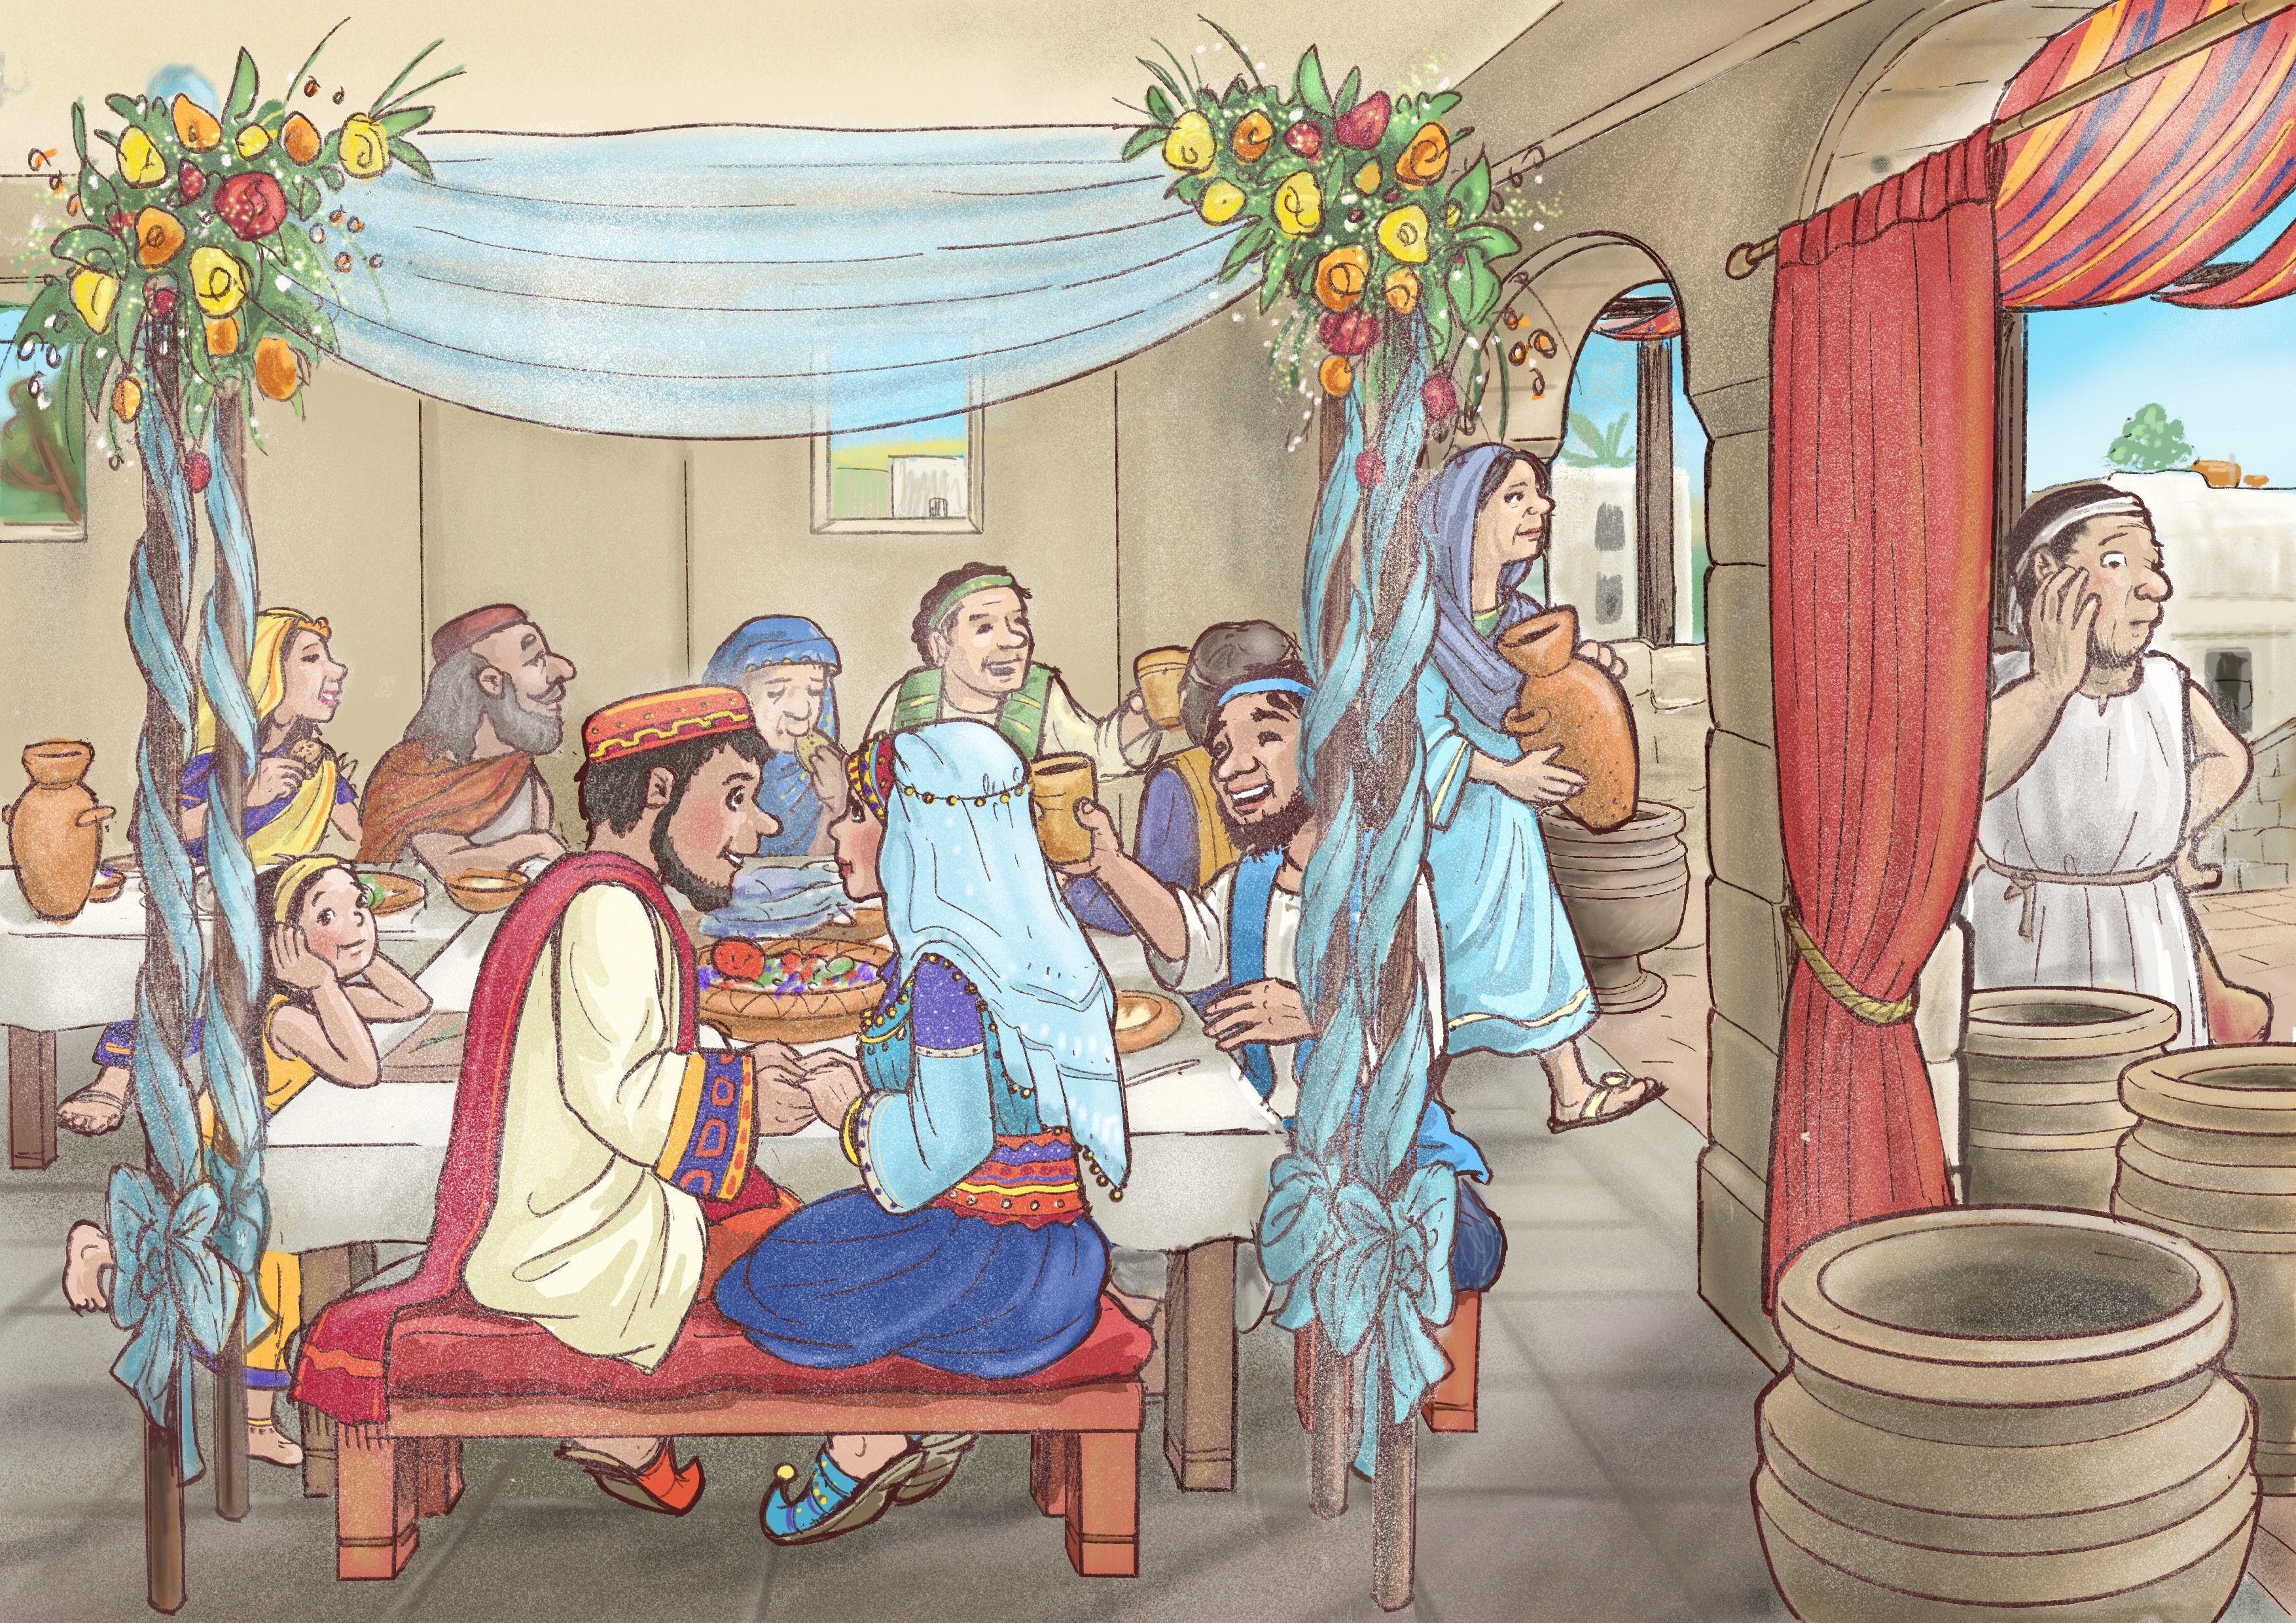 Hochzeit Zu Kana Bilder Zu Biblischen Geschichten Fur Vorschulkinder Sonntagschule Kinderbibel Vorschulkinder